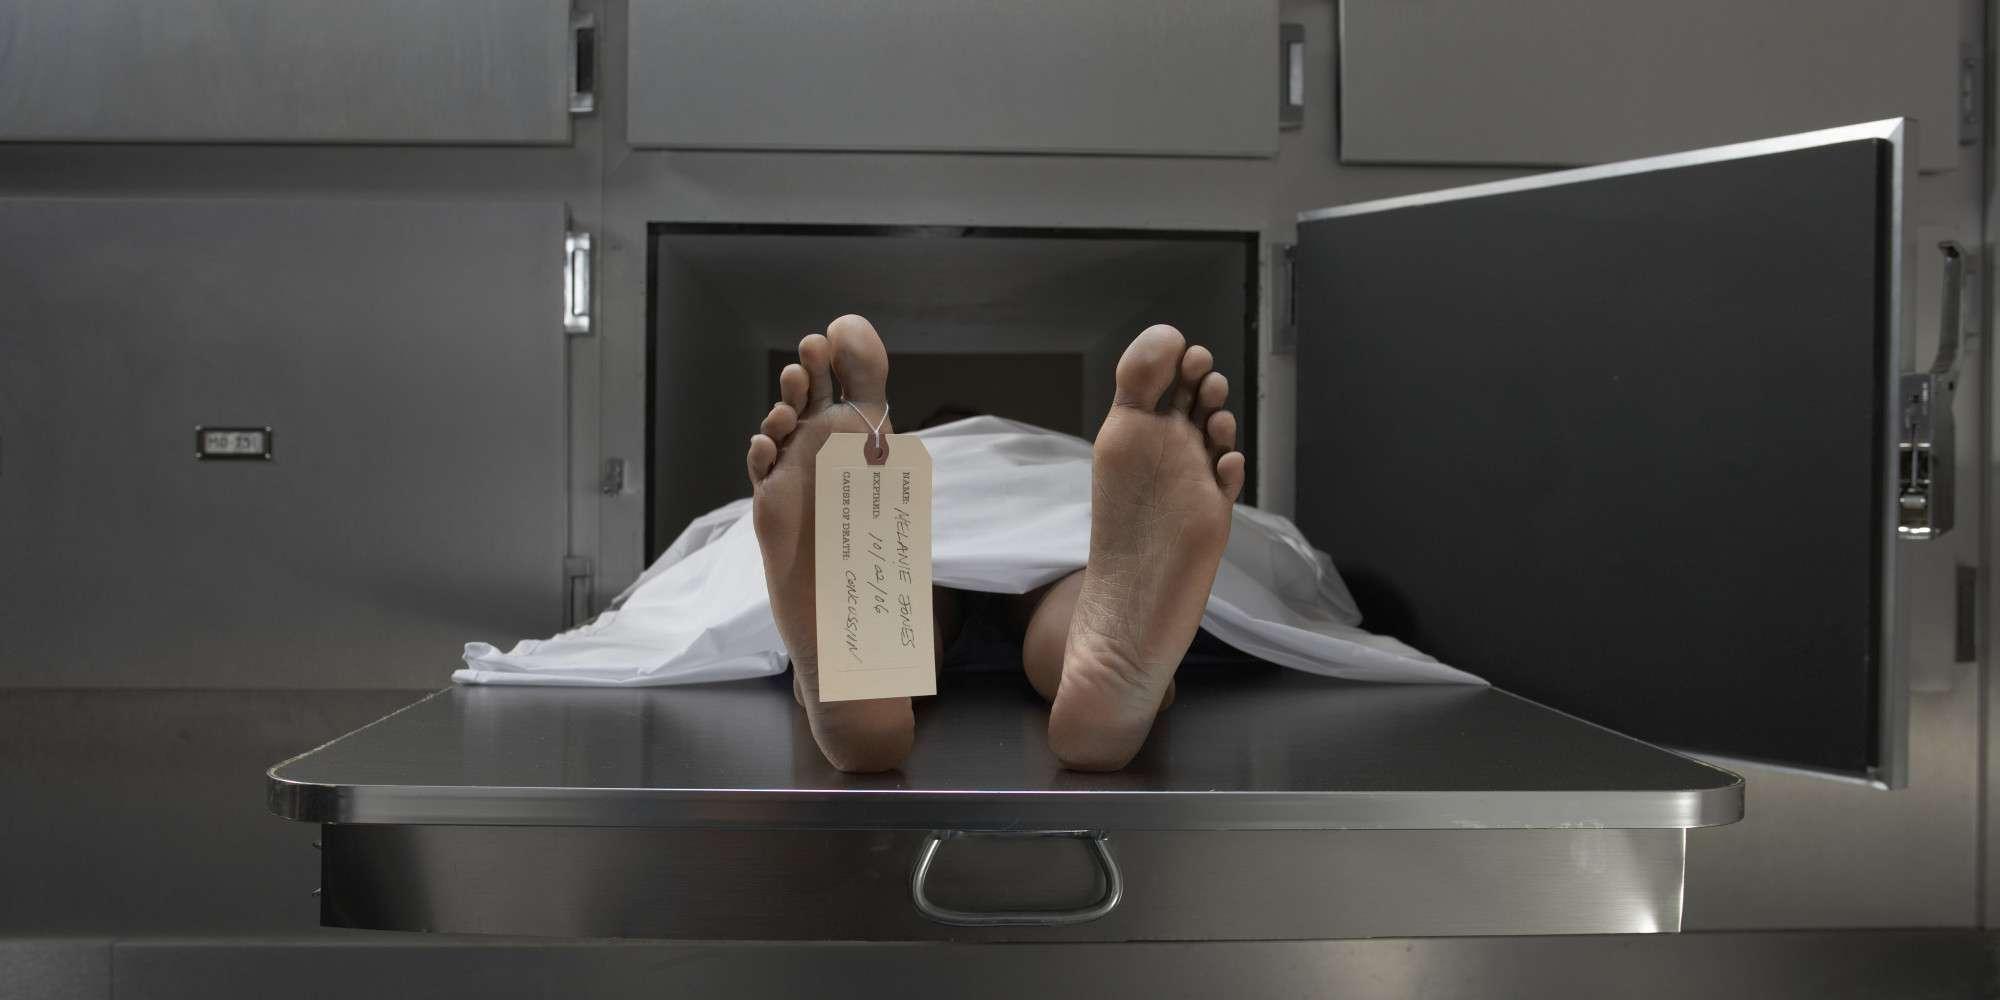 Death pool betting: wedden op de dood van een ander